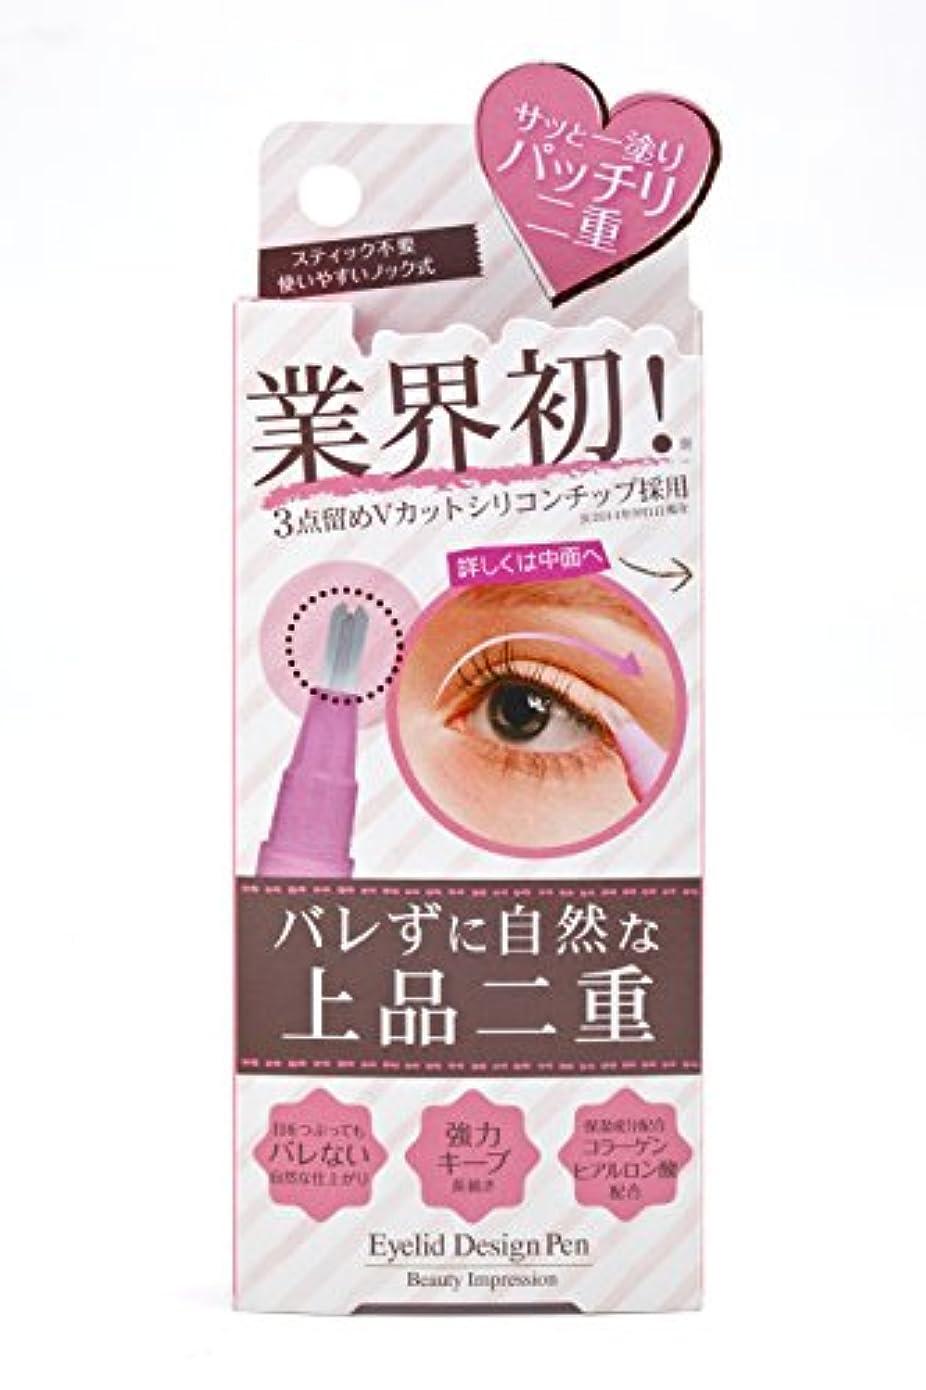 ホステス改善承認するビューティーインプレッション(Beauty Impression) アイリッドデザインペン 2ml (二重まぶた形成化粧品)